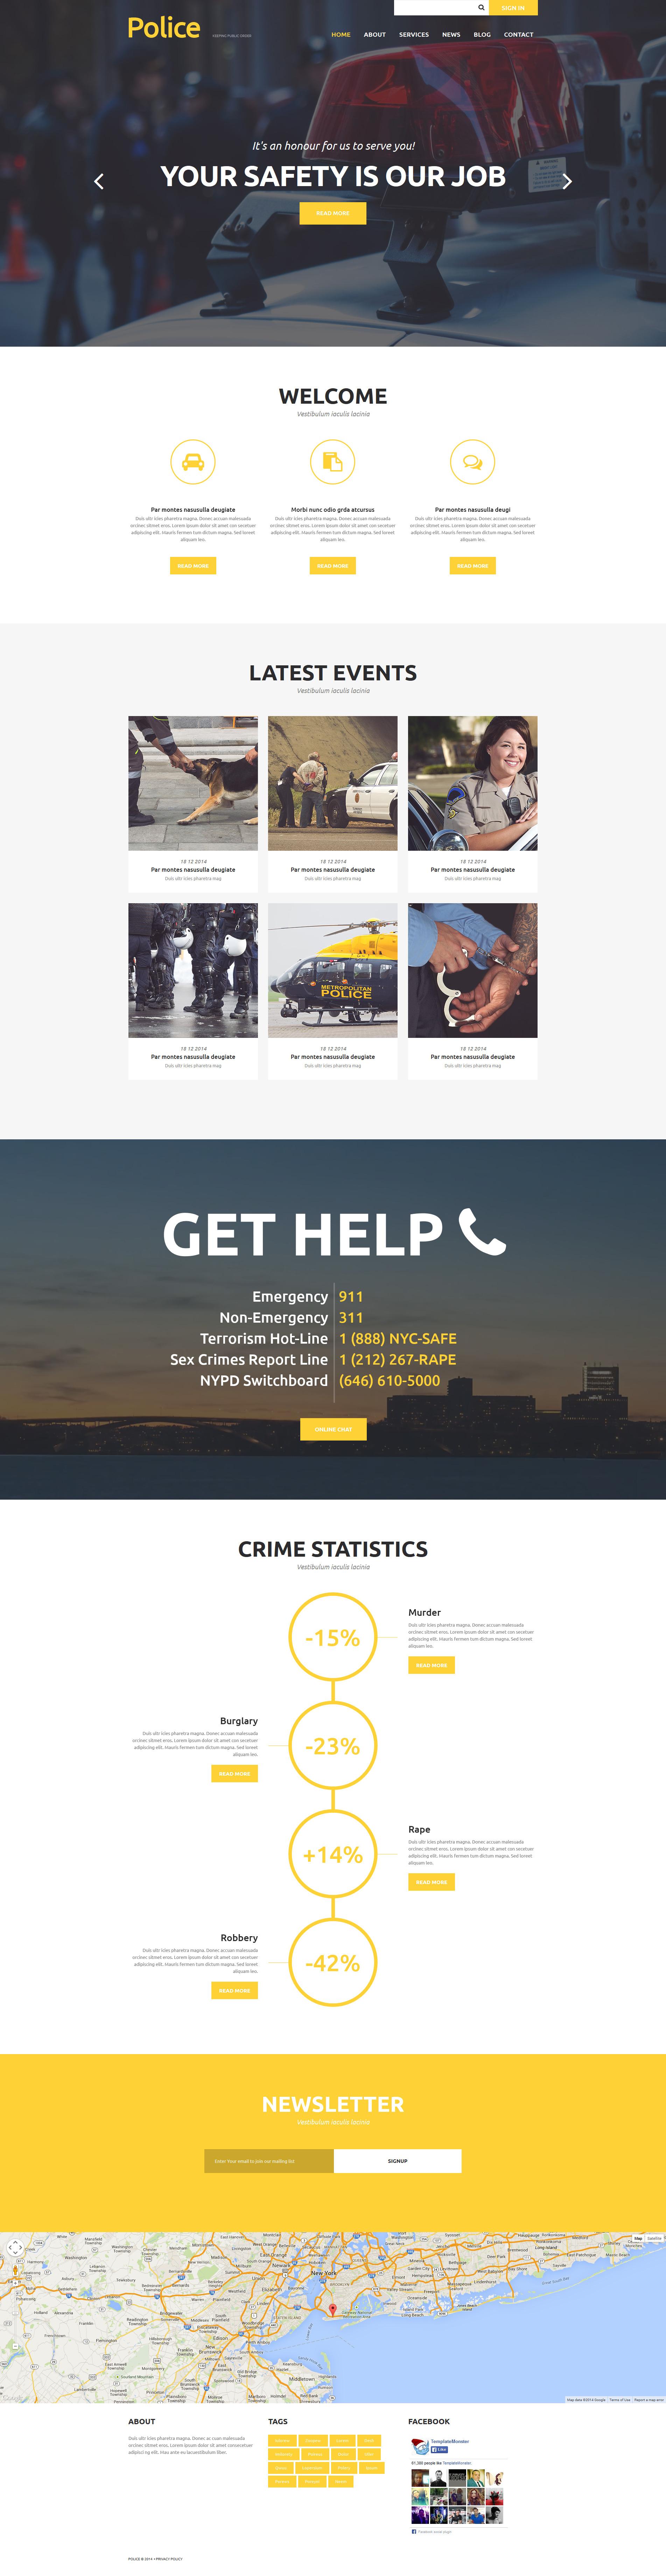 Police Department Joomla Template